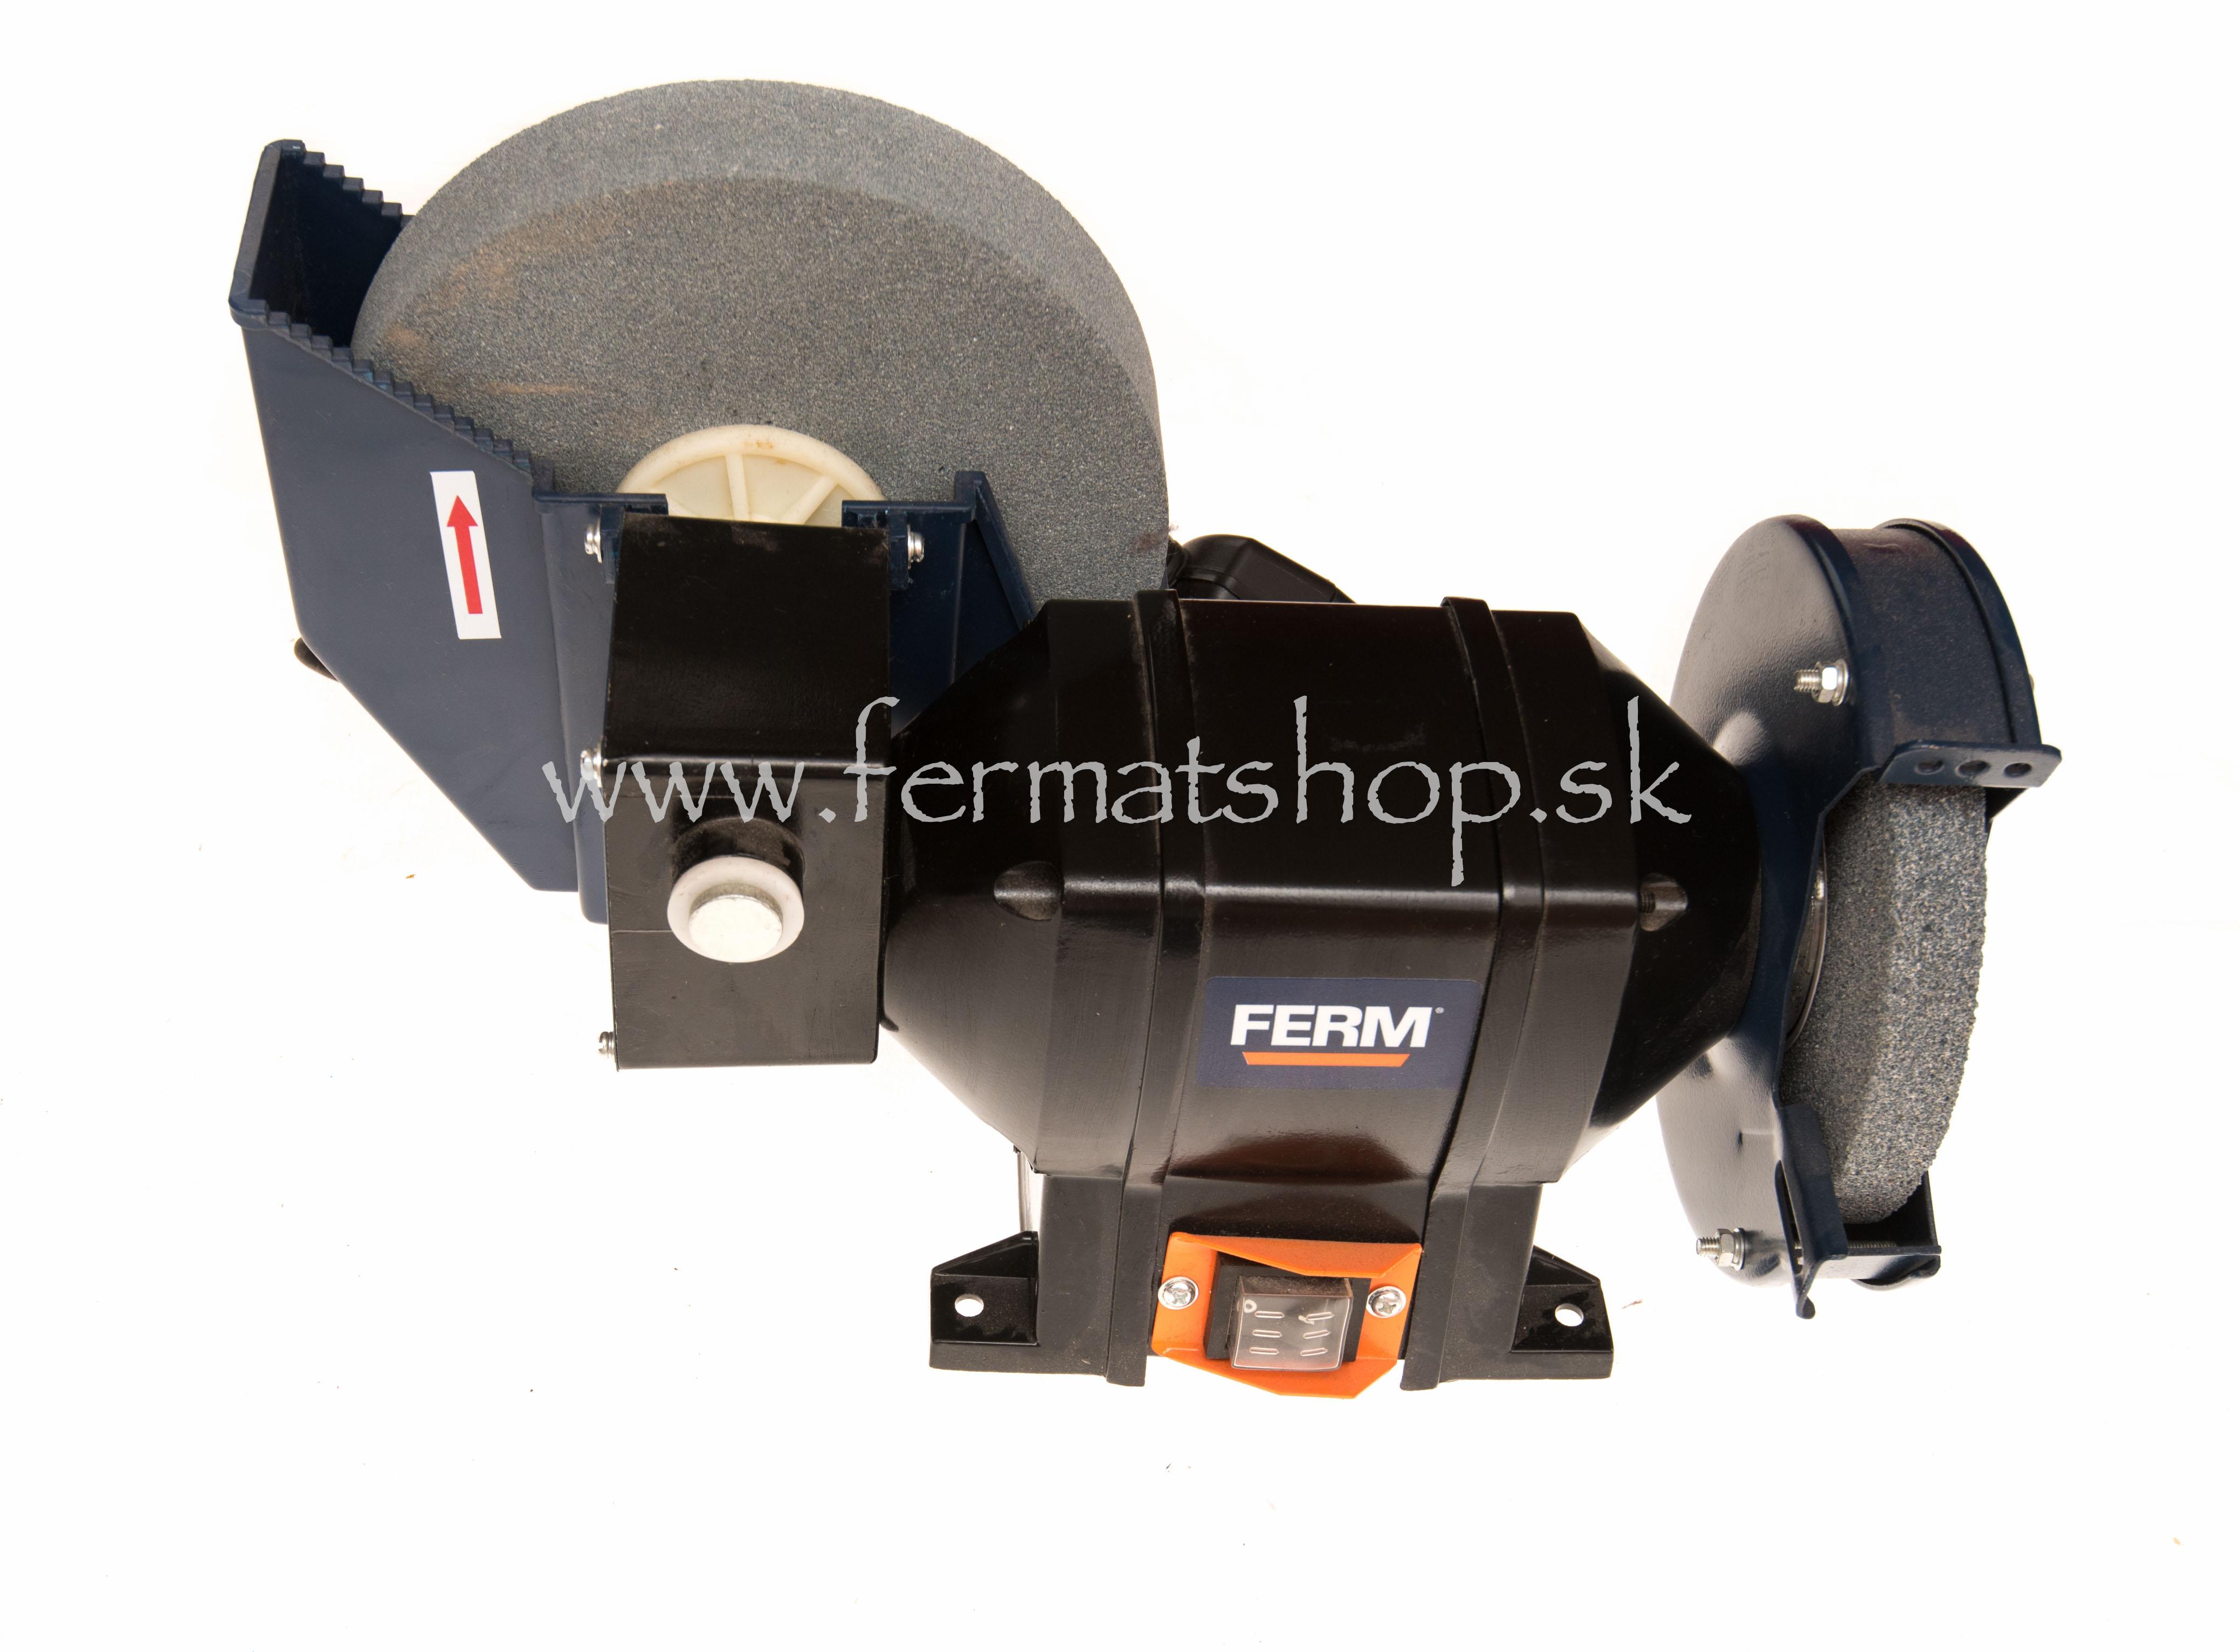 0f63096a1ee68 Dvojkotúčová brúska FSMC-200/150N Ferm - FERMAT SHOP